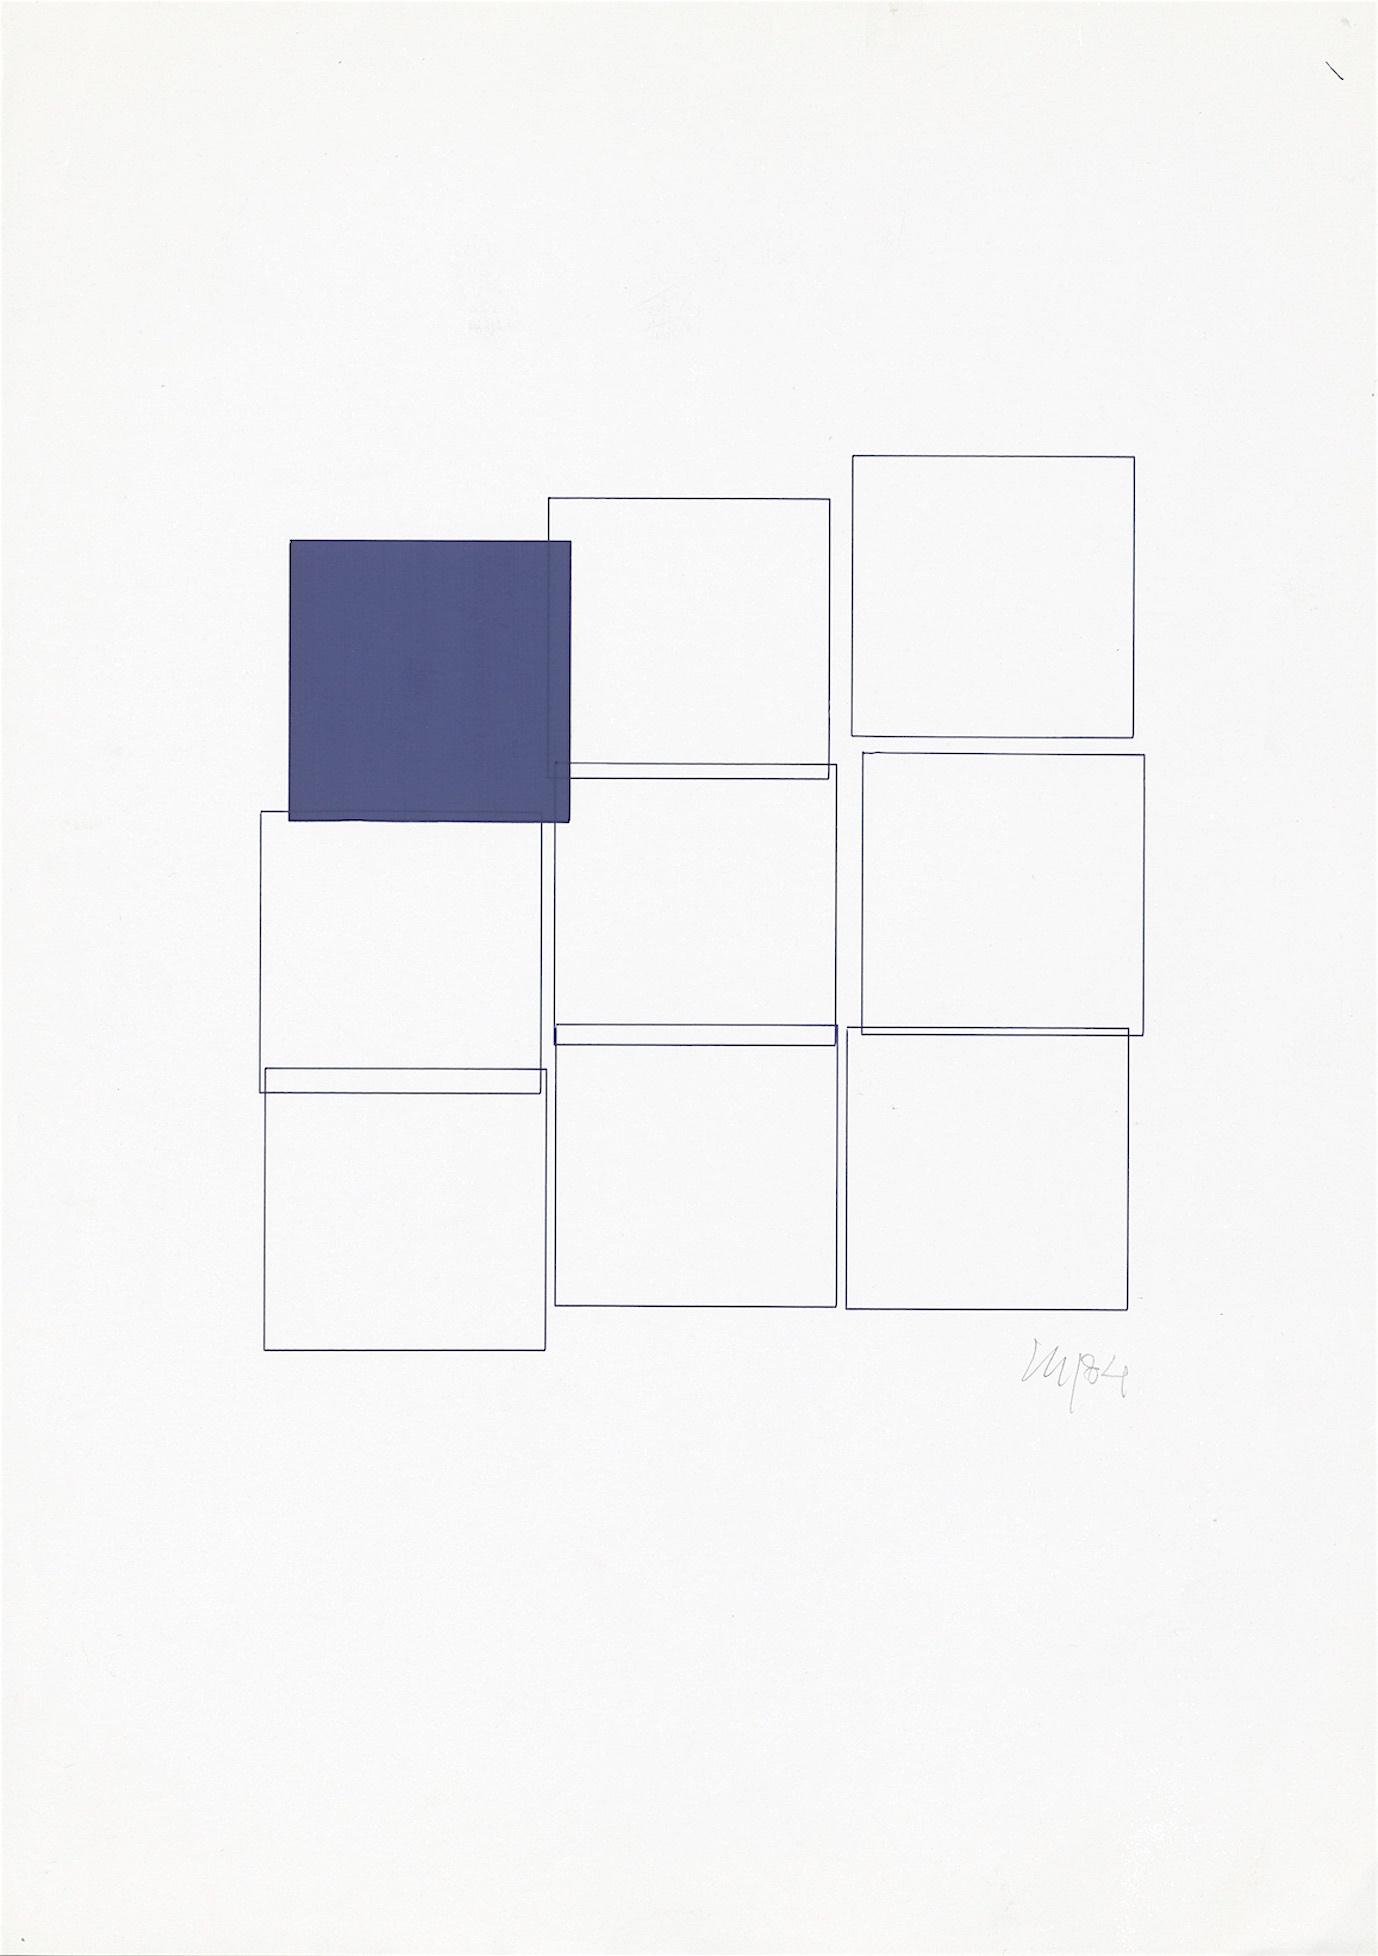 Vera Molnar, Ohne Titel, Plotterzeichnung, 25 cm x 25 cm, 1984